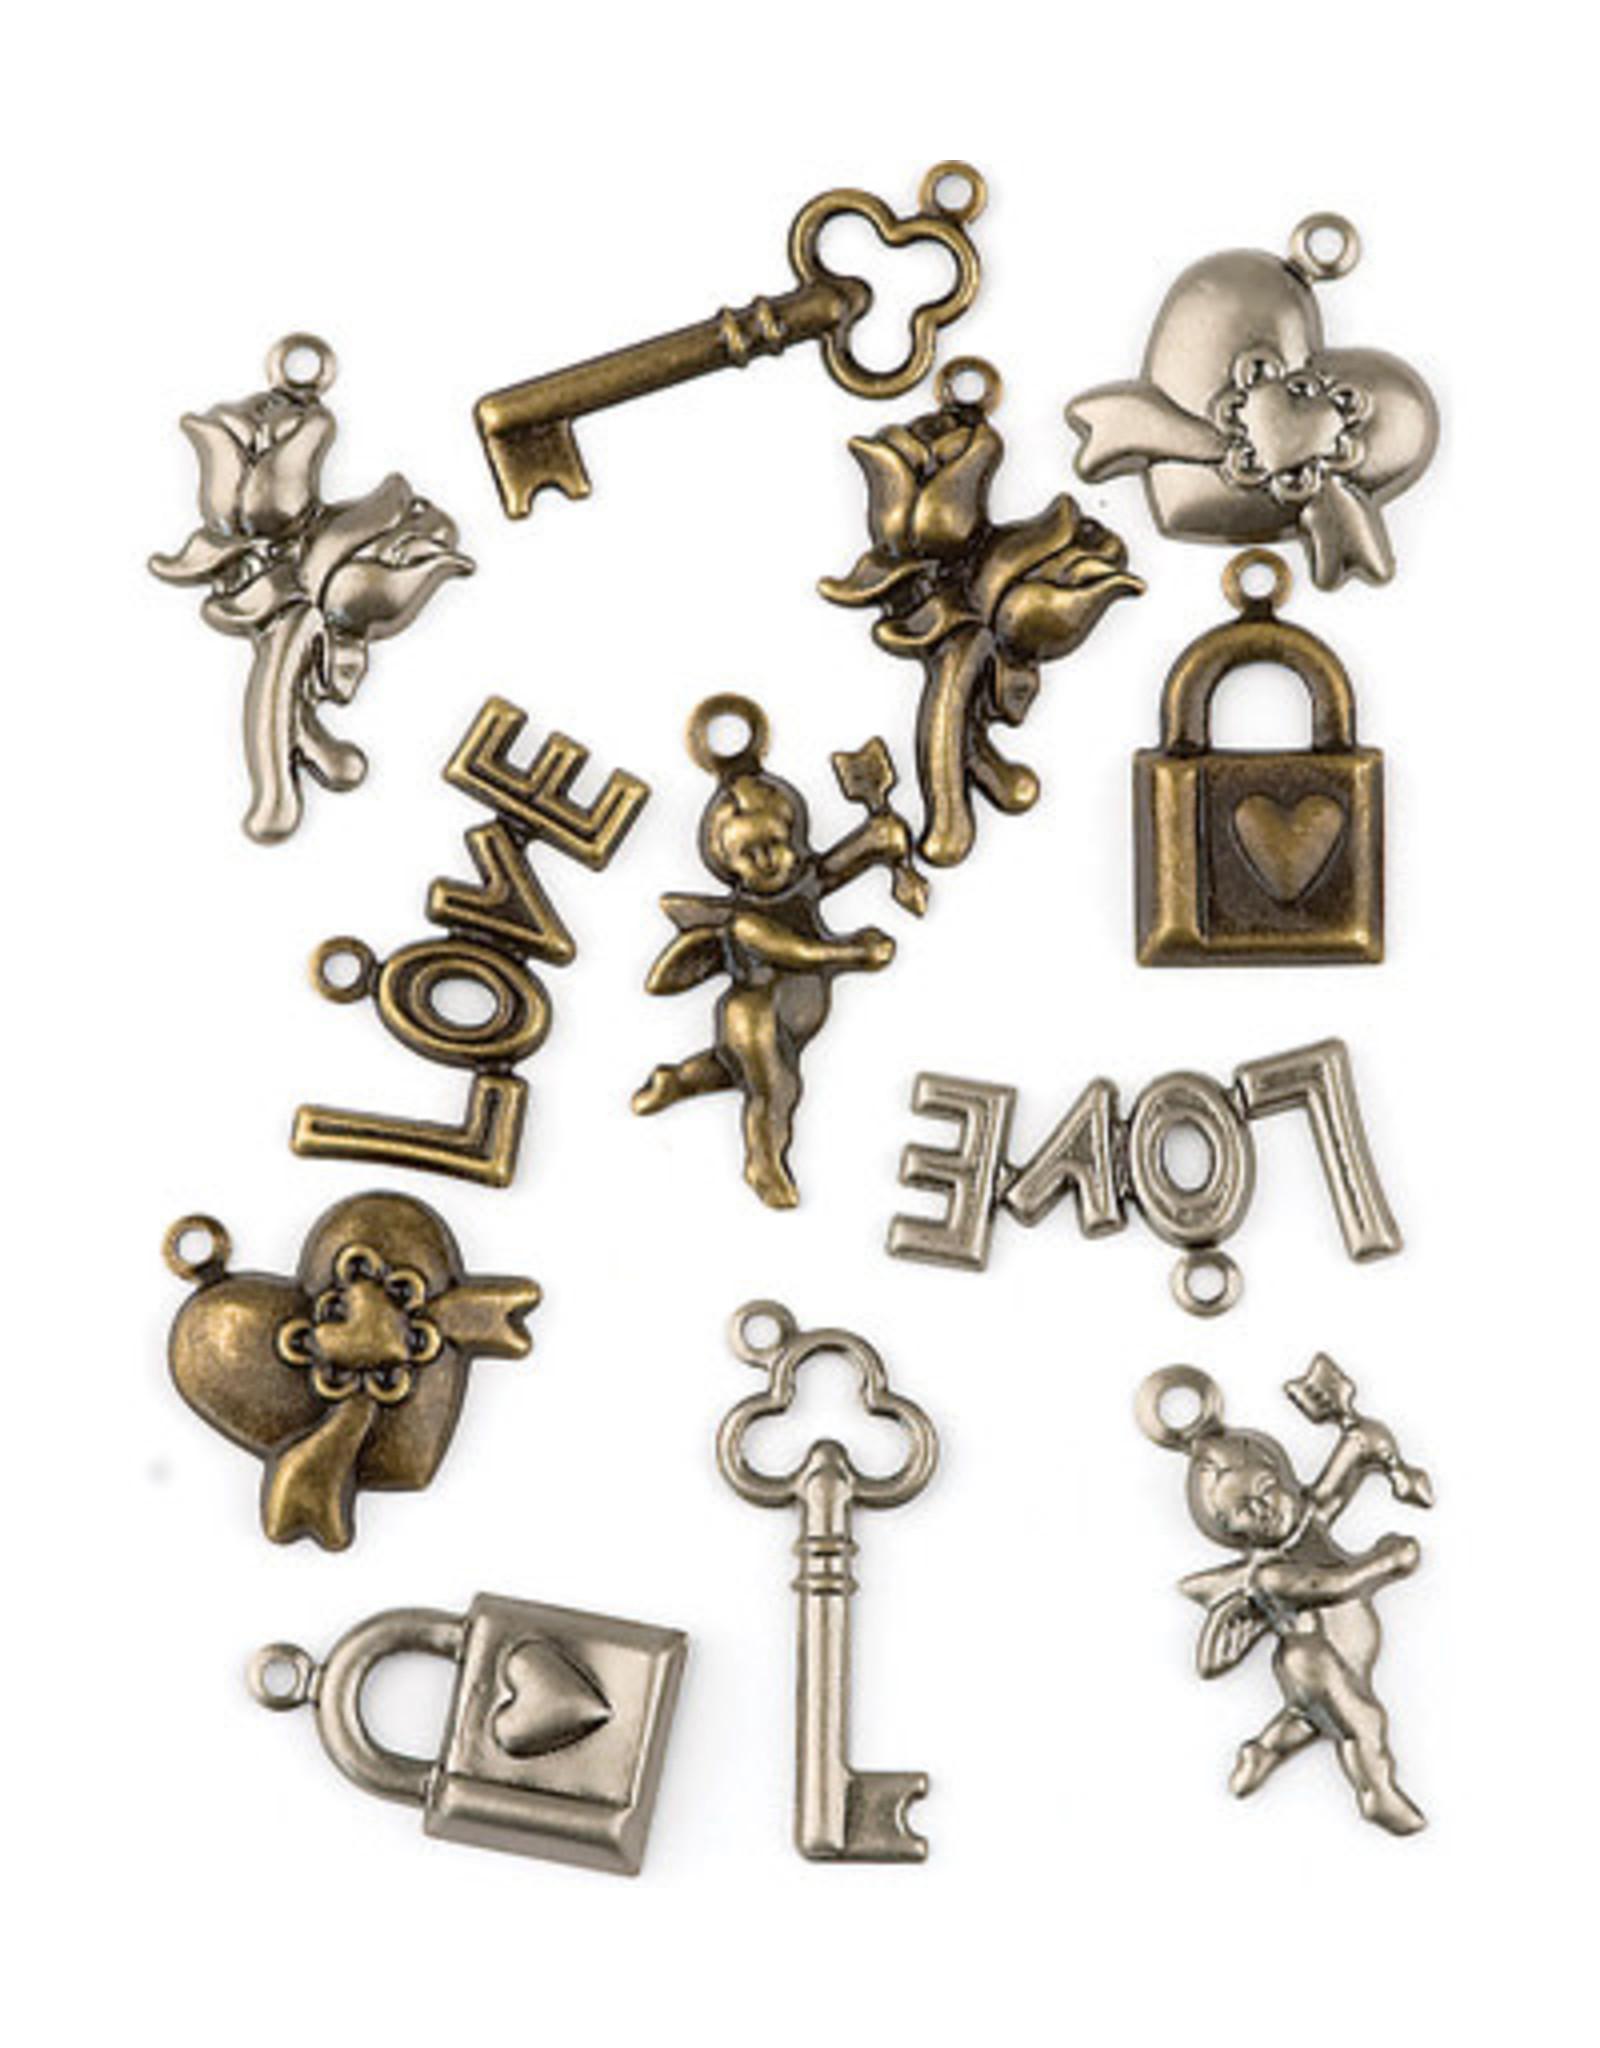 Hobby fun hobbyfun love Assortie, brons en zilver 11810-1006